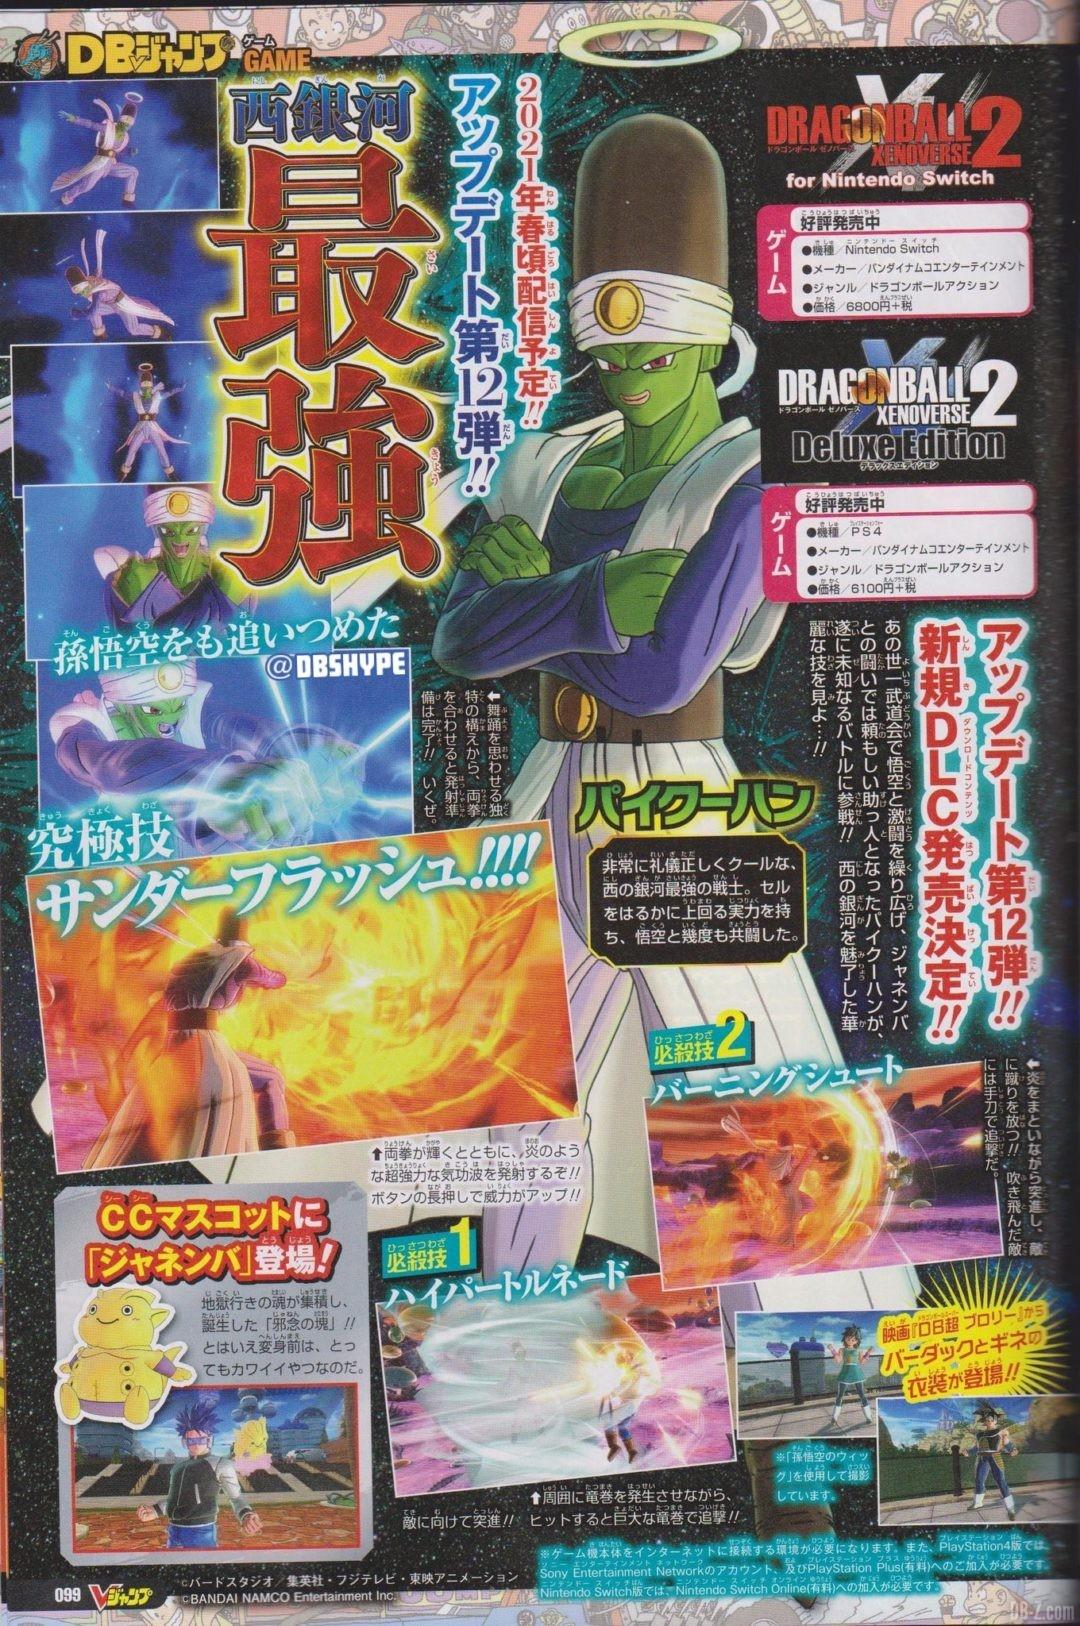 V Jump 21.12.2020 Dragon Ball Xenoverse 2 Paikuhan